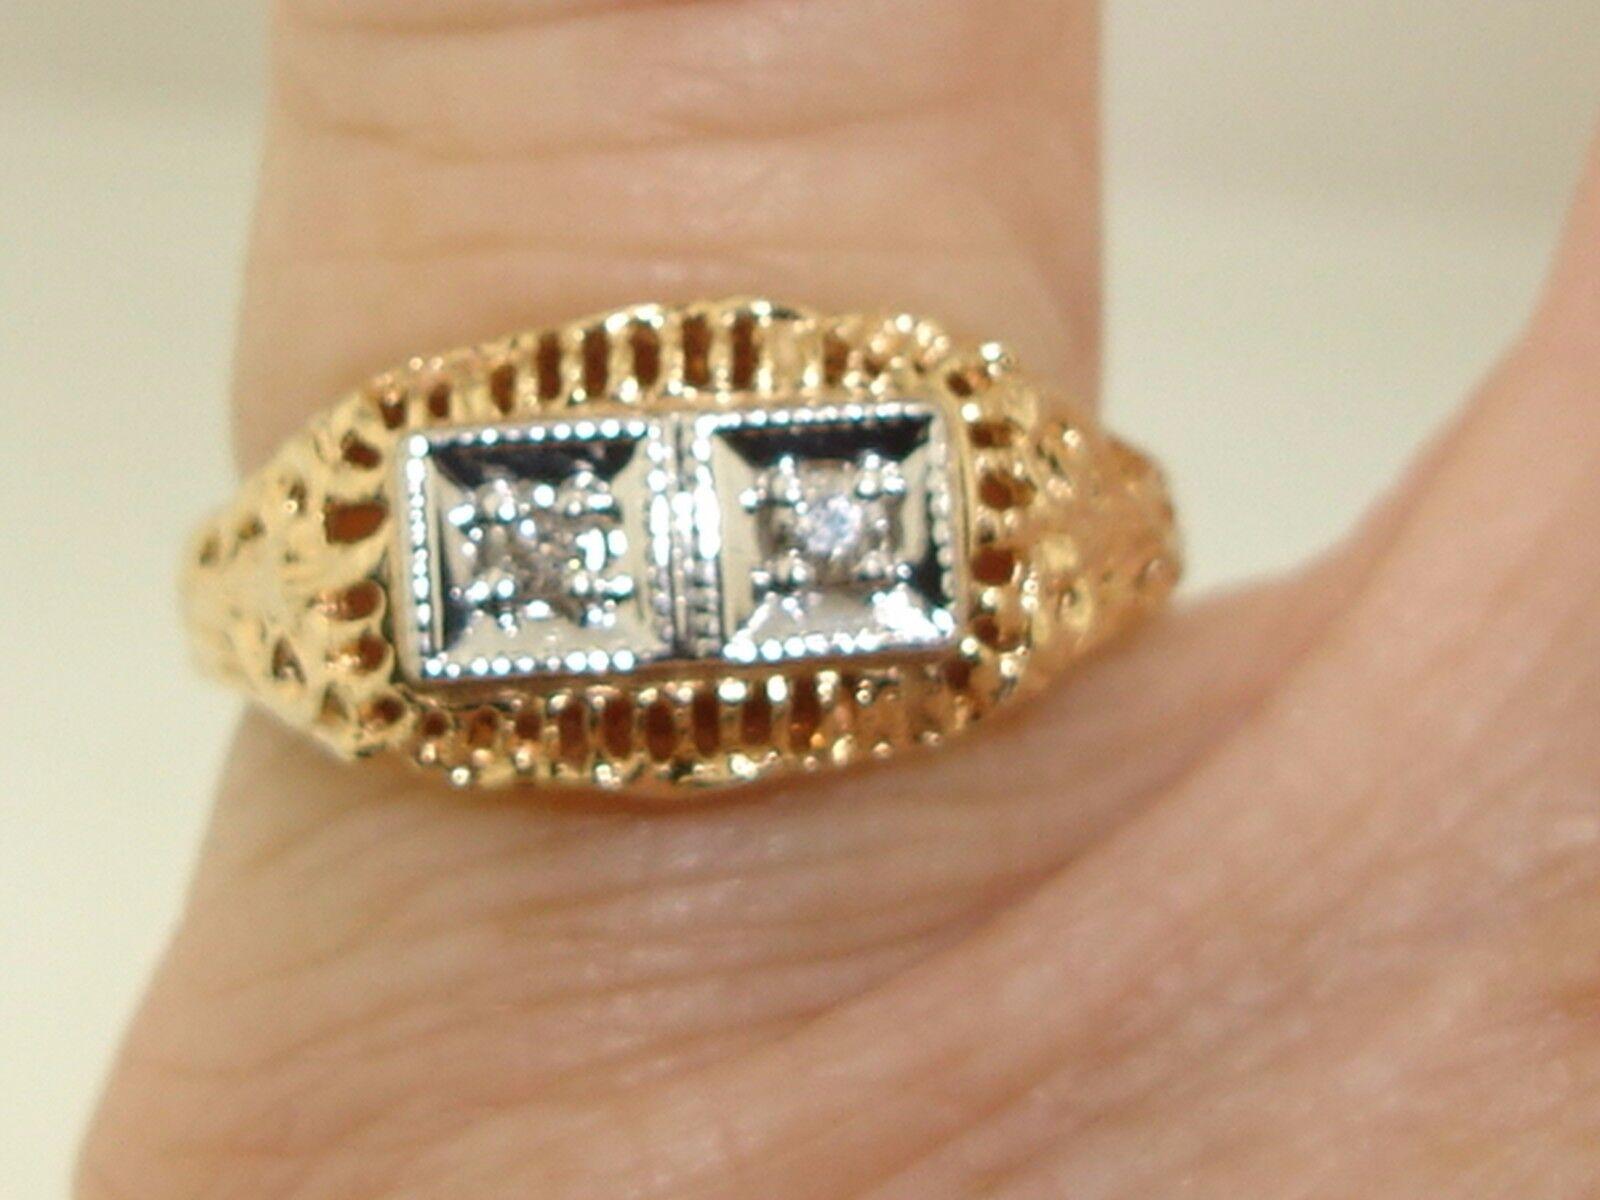 BEAUTIFUL ART NOUVEAU STYLE 10K pink gold FILIGREE & DIAMOND RING